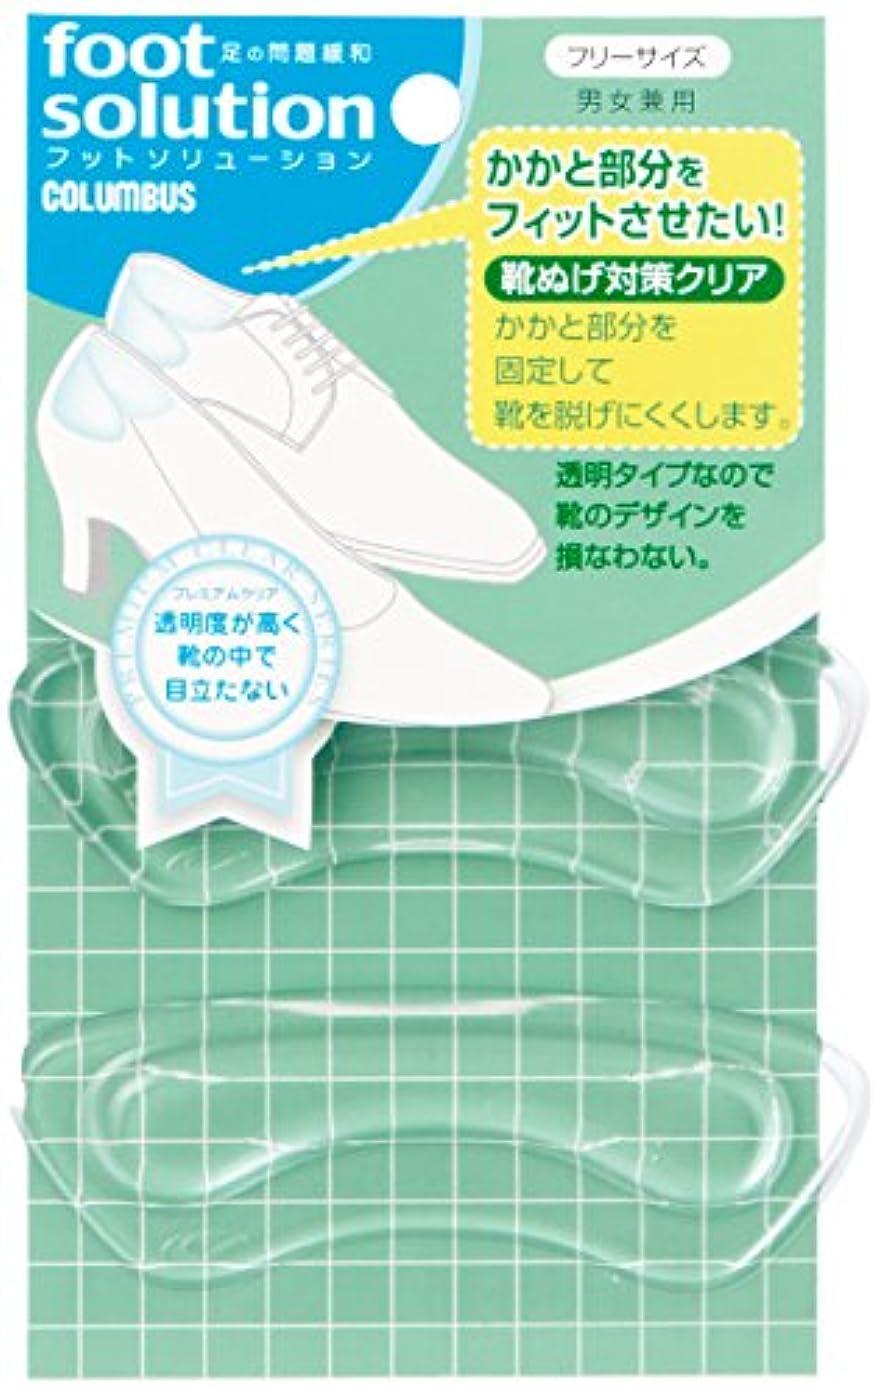 はっきりと振り向くプリーツ[コロンブス] 靴脱げ対策クリア Foot Solution 88550005 N 女性用フリーサイズ